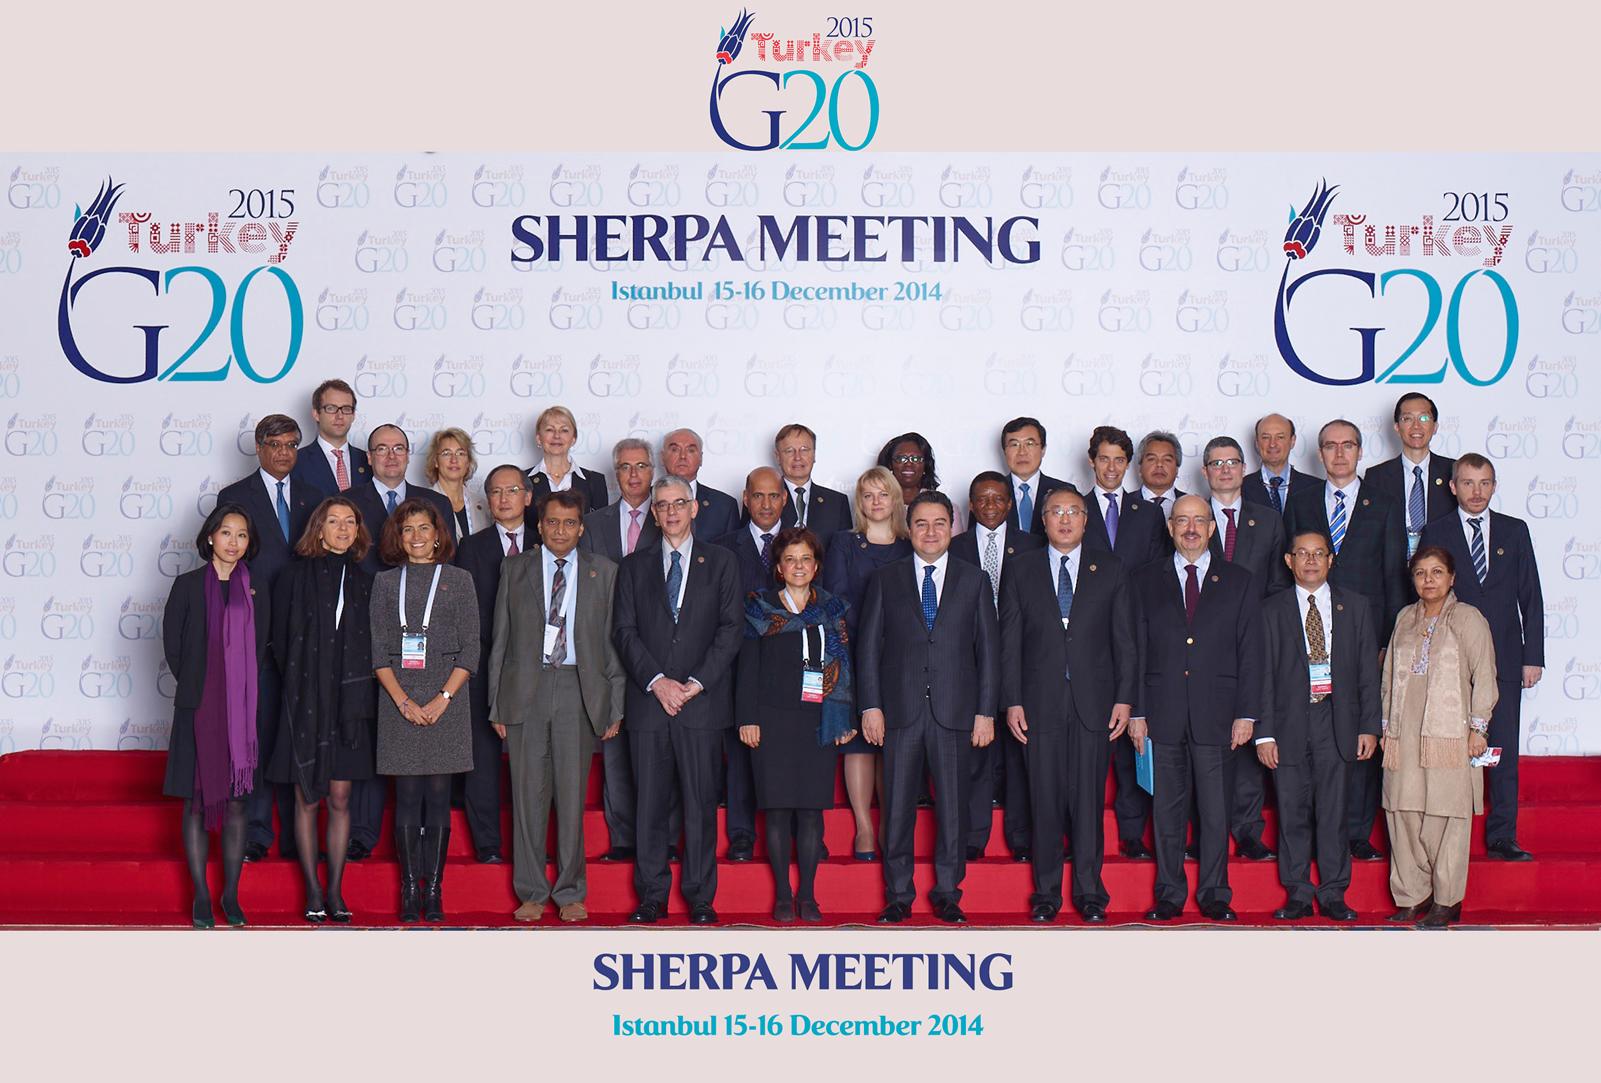 G20: Kinh tế toàn cầu năm 2015 sẽ khó khăn